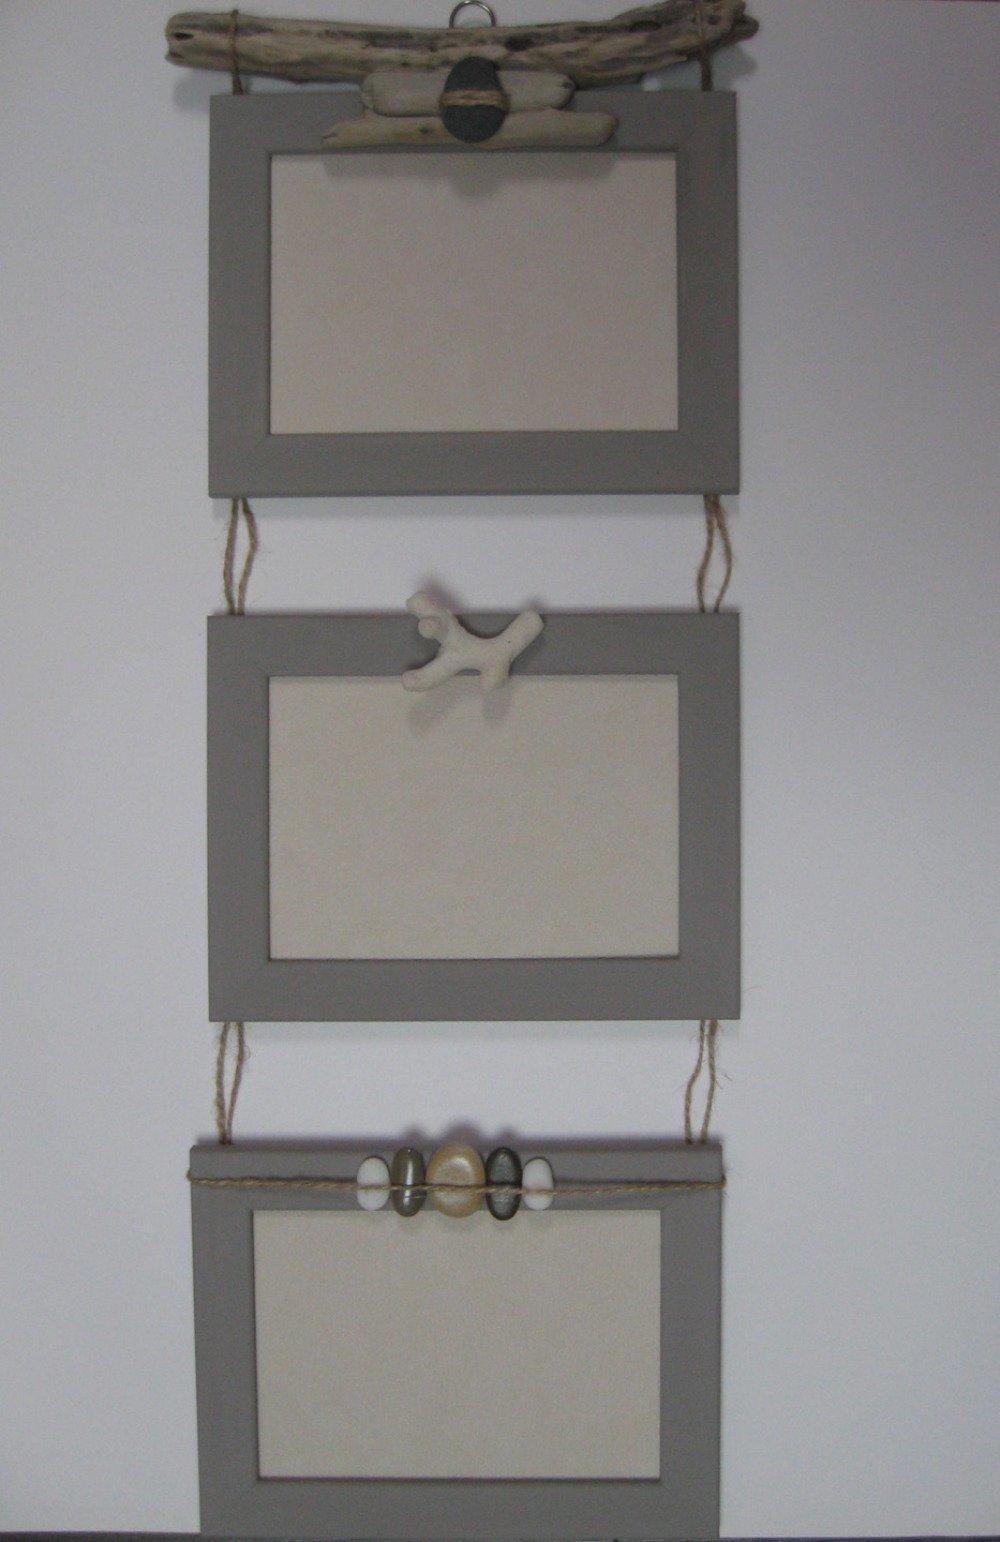 Cadres photos bois flotté 13 x 18 couleur taupe - SUR COMMANDE